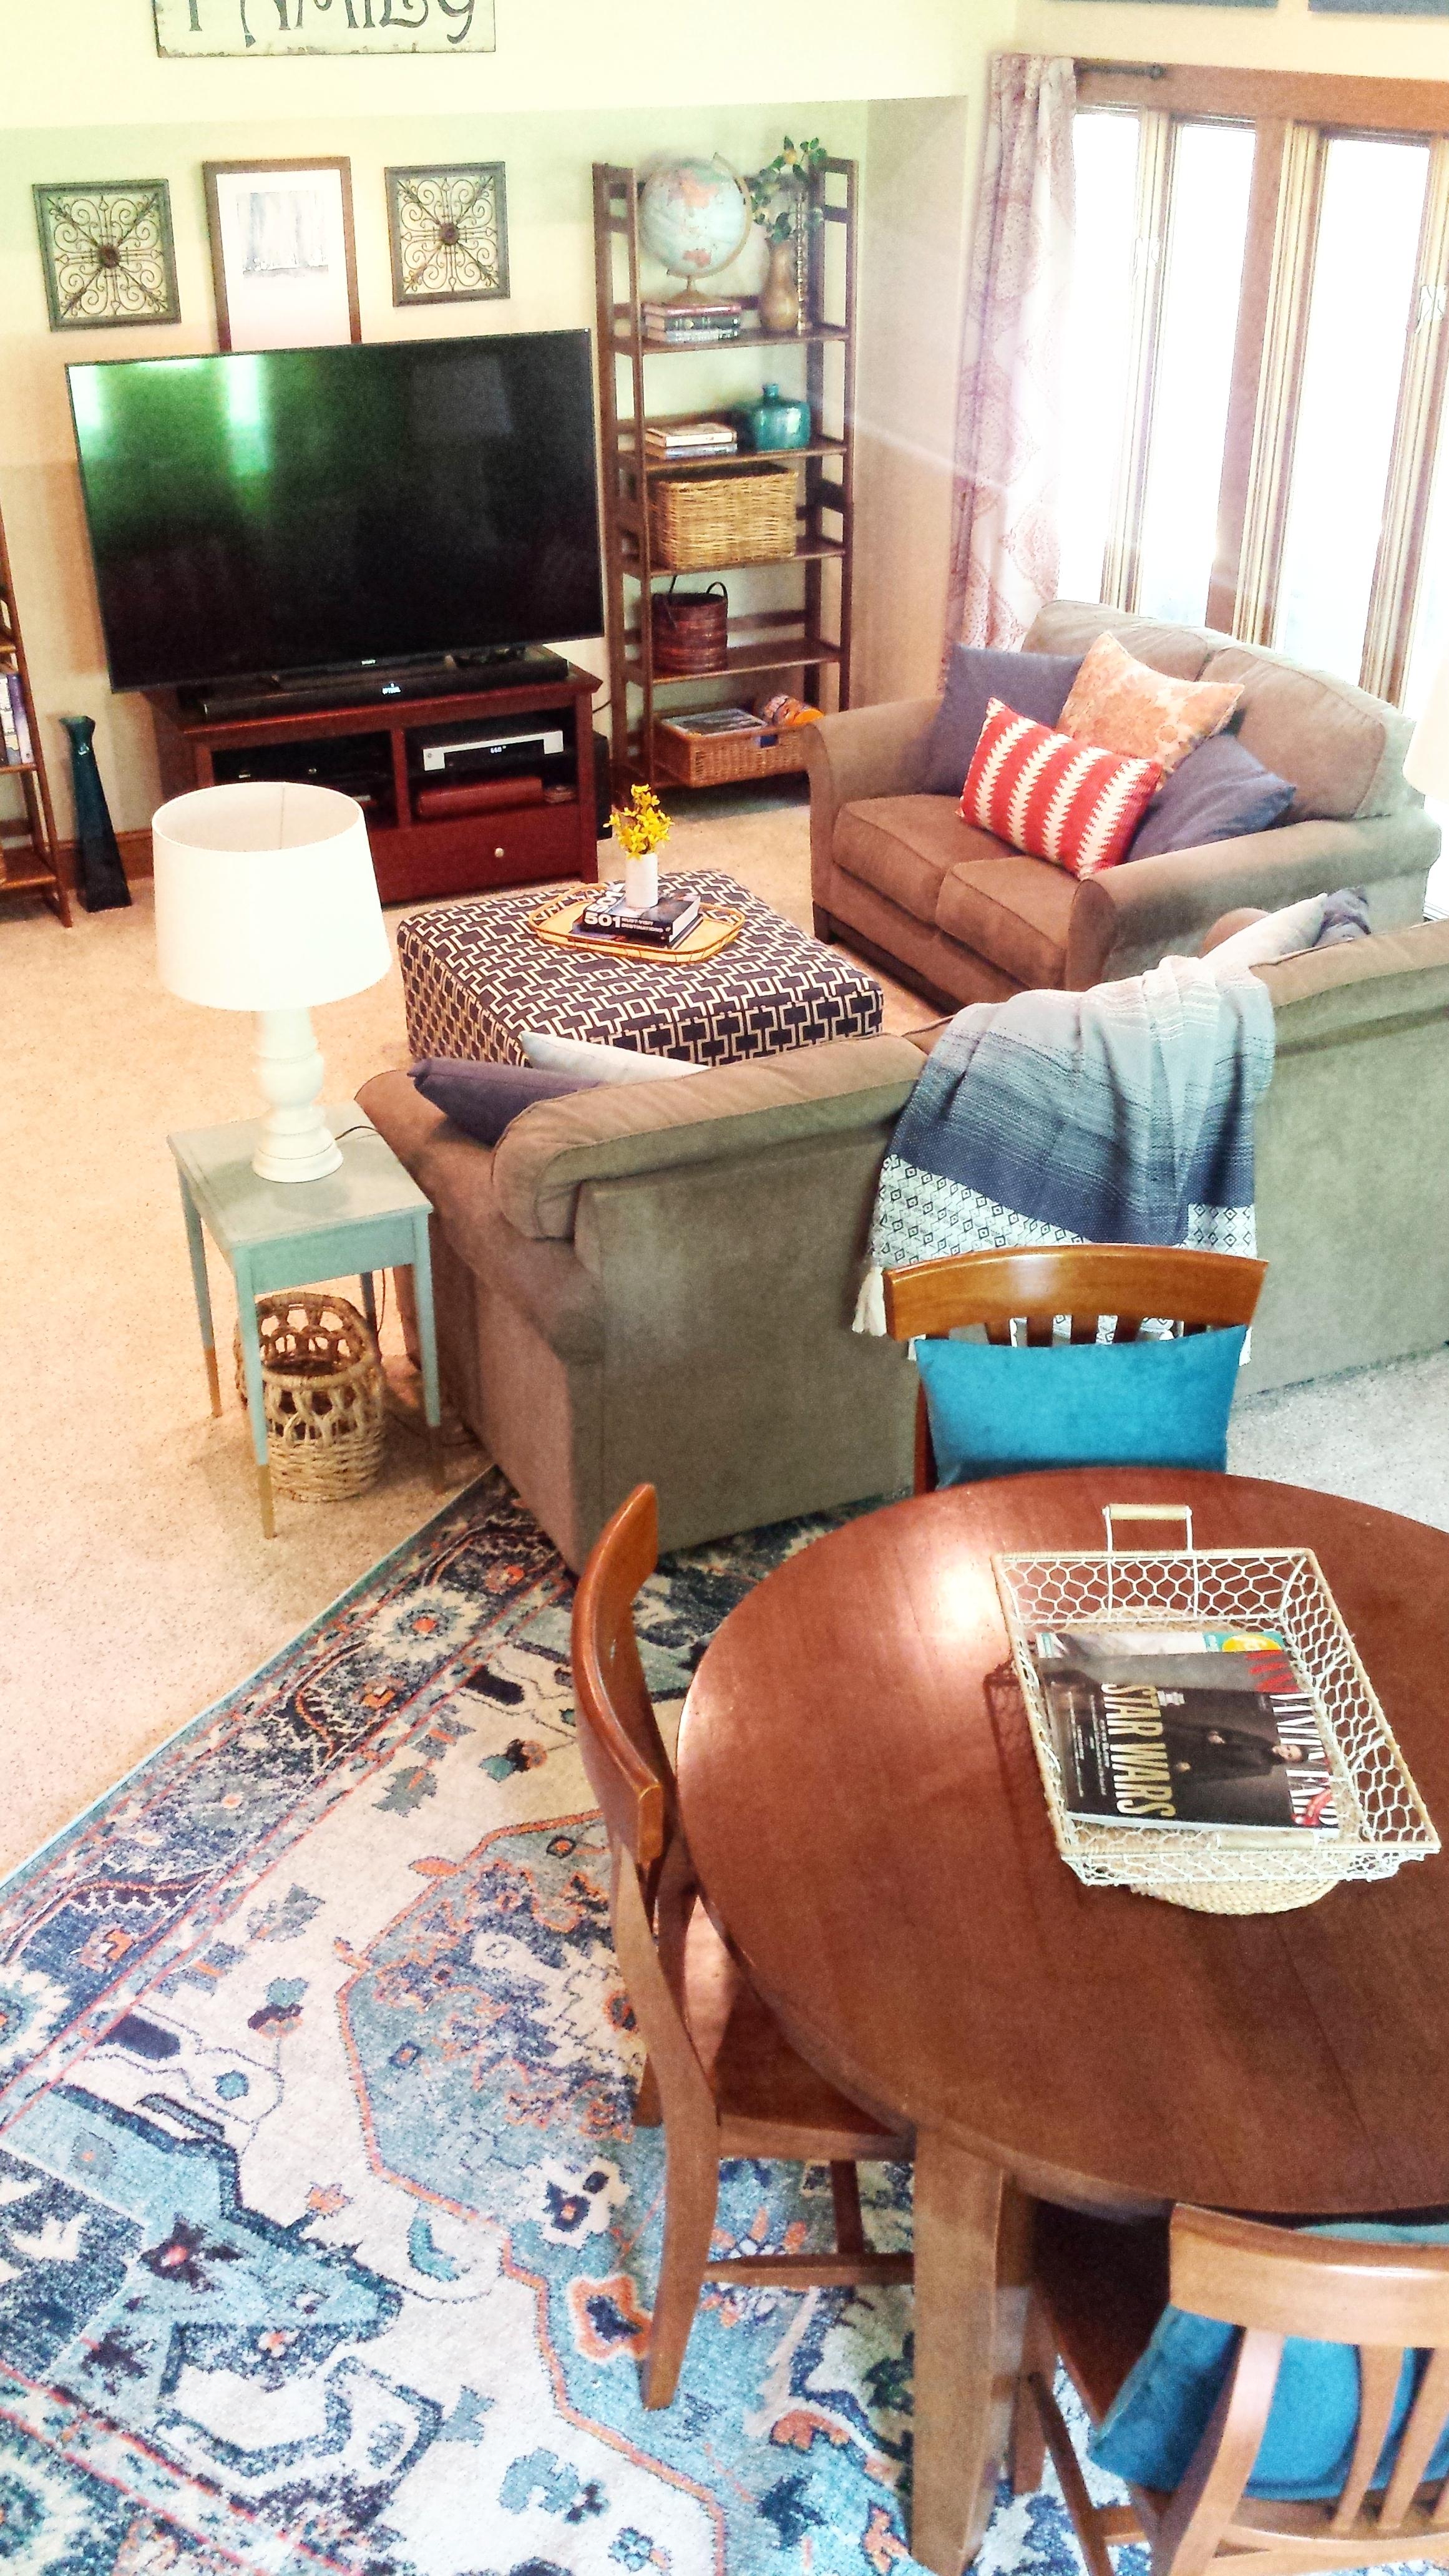 tv couch rug full.jpg